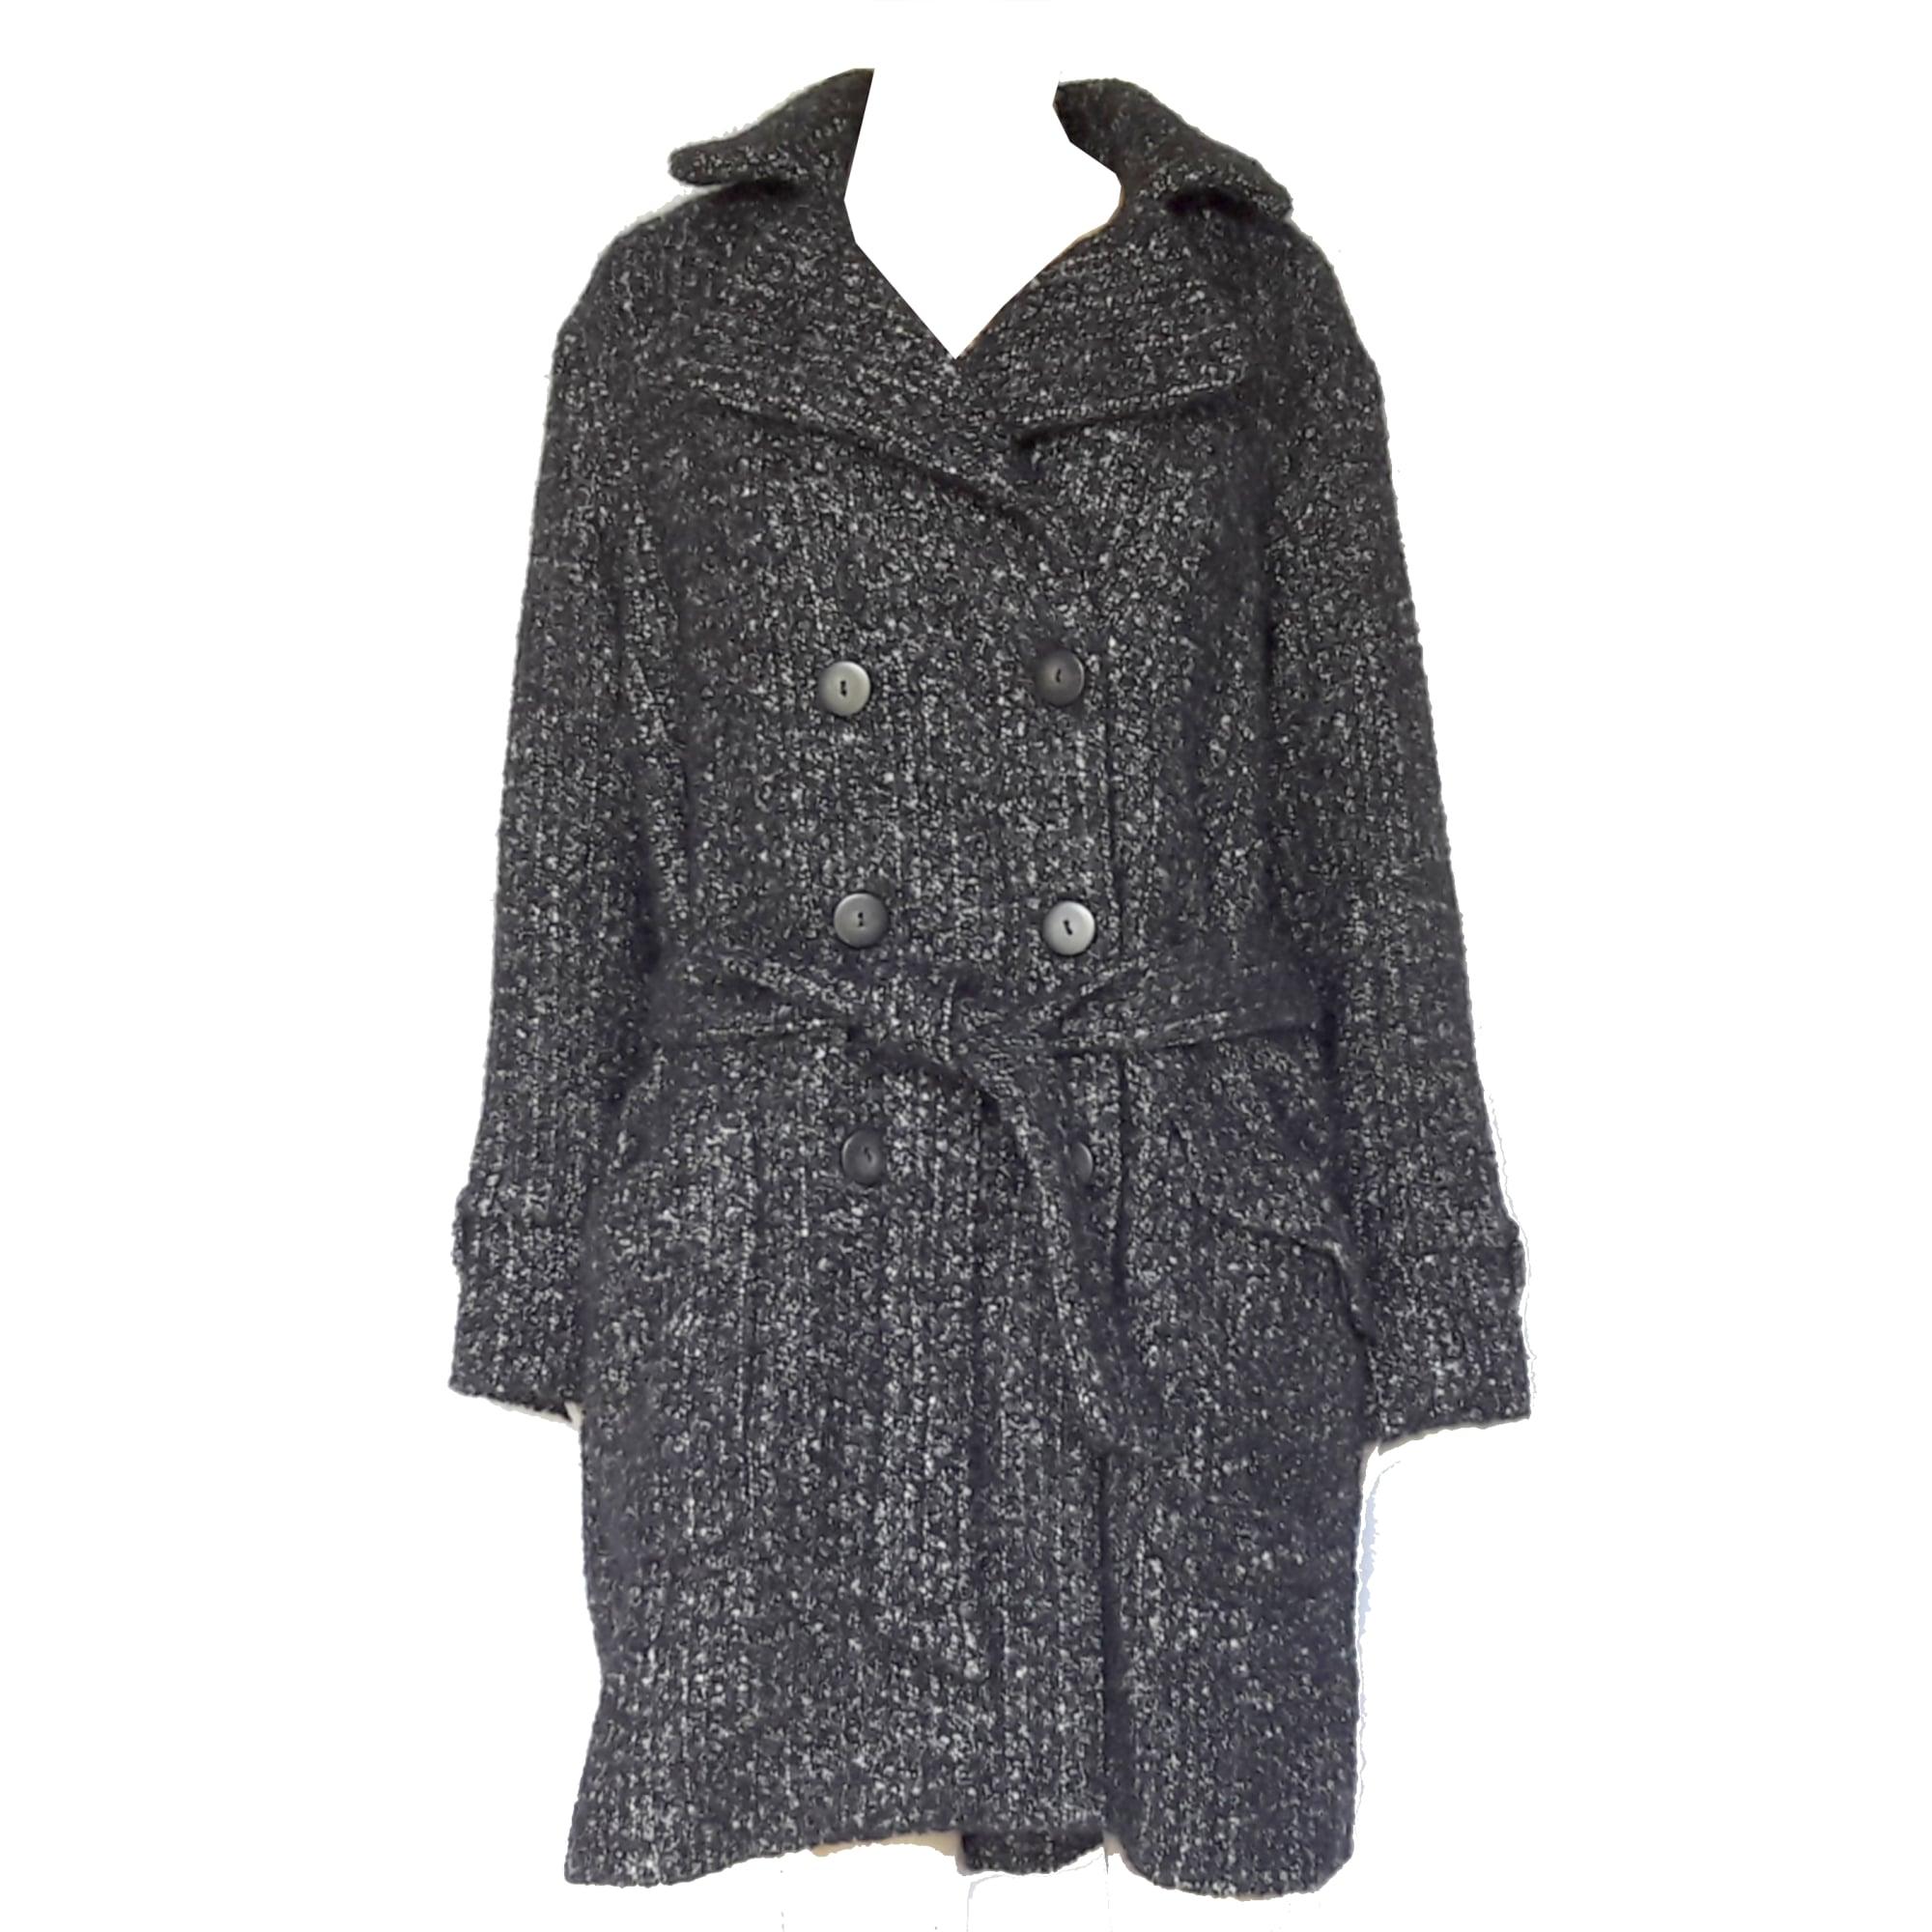 Manteau comptoir des cotonniers 40 l t3 noir chin - Comptoir des cotonniers ch ...